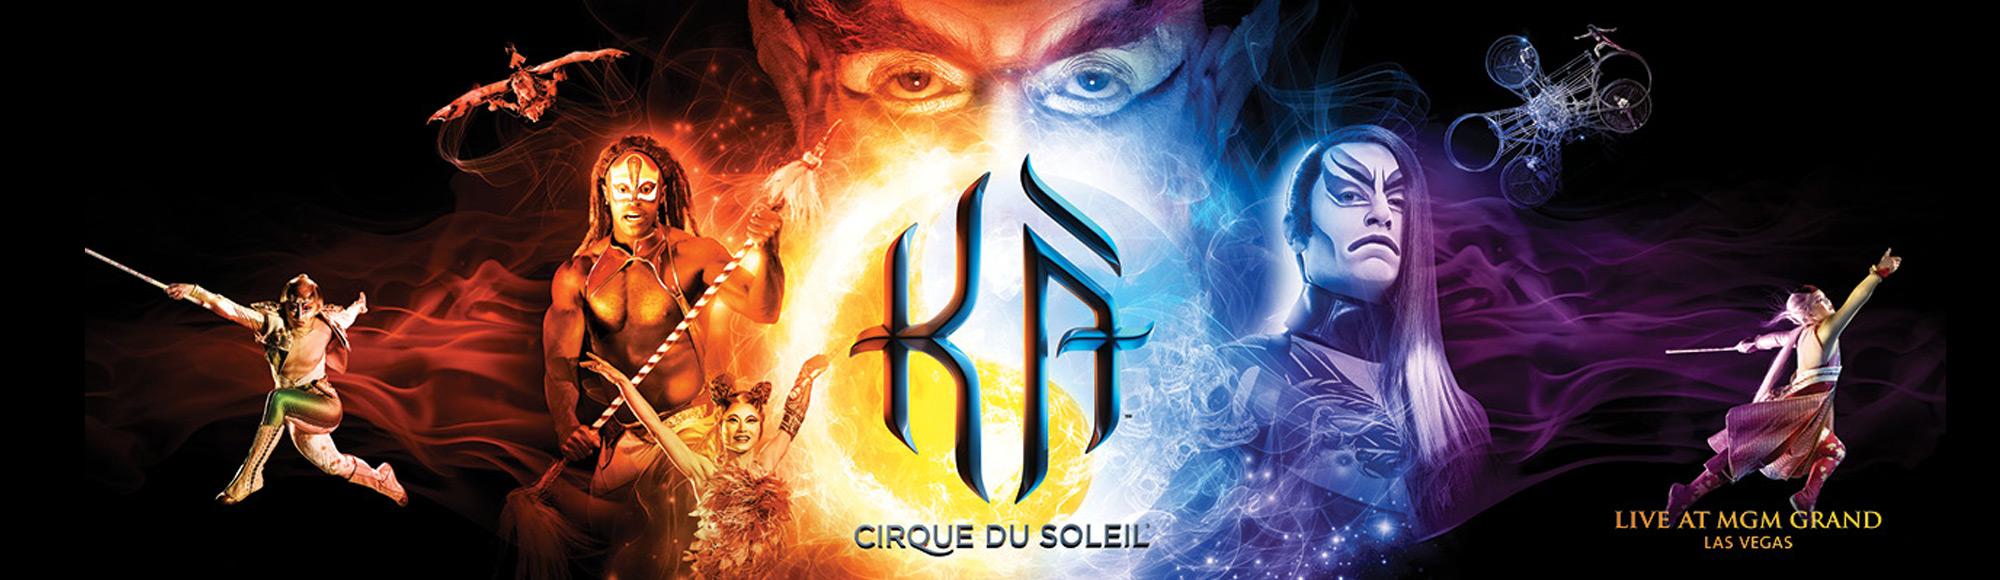 KÀ by Cirque du Soleil show